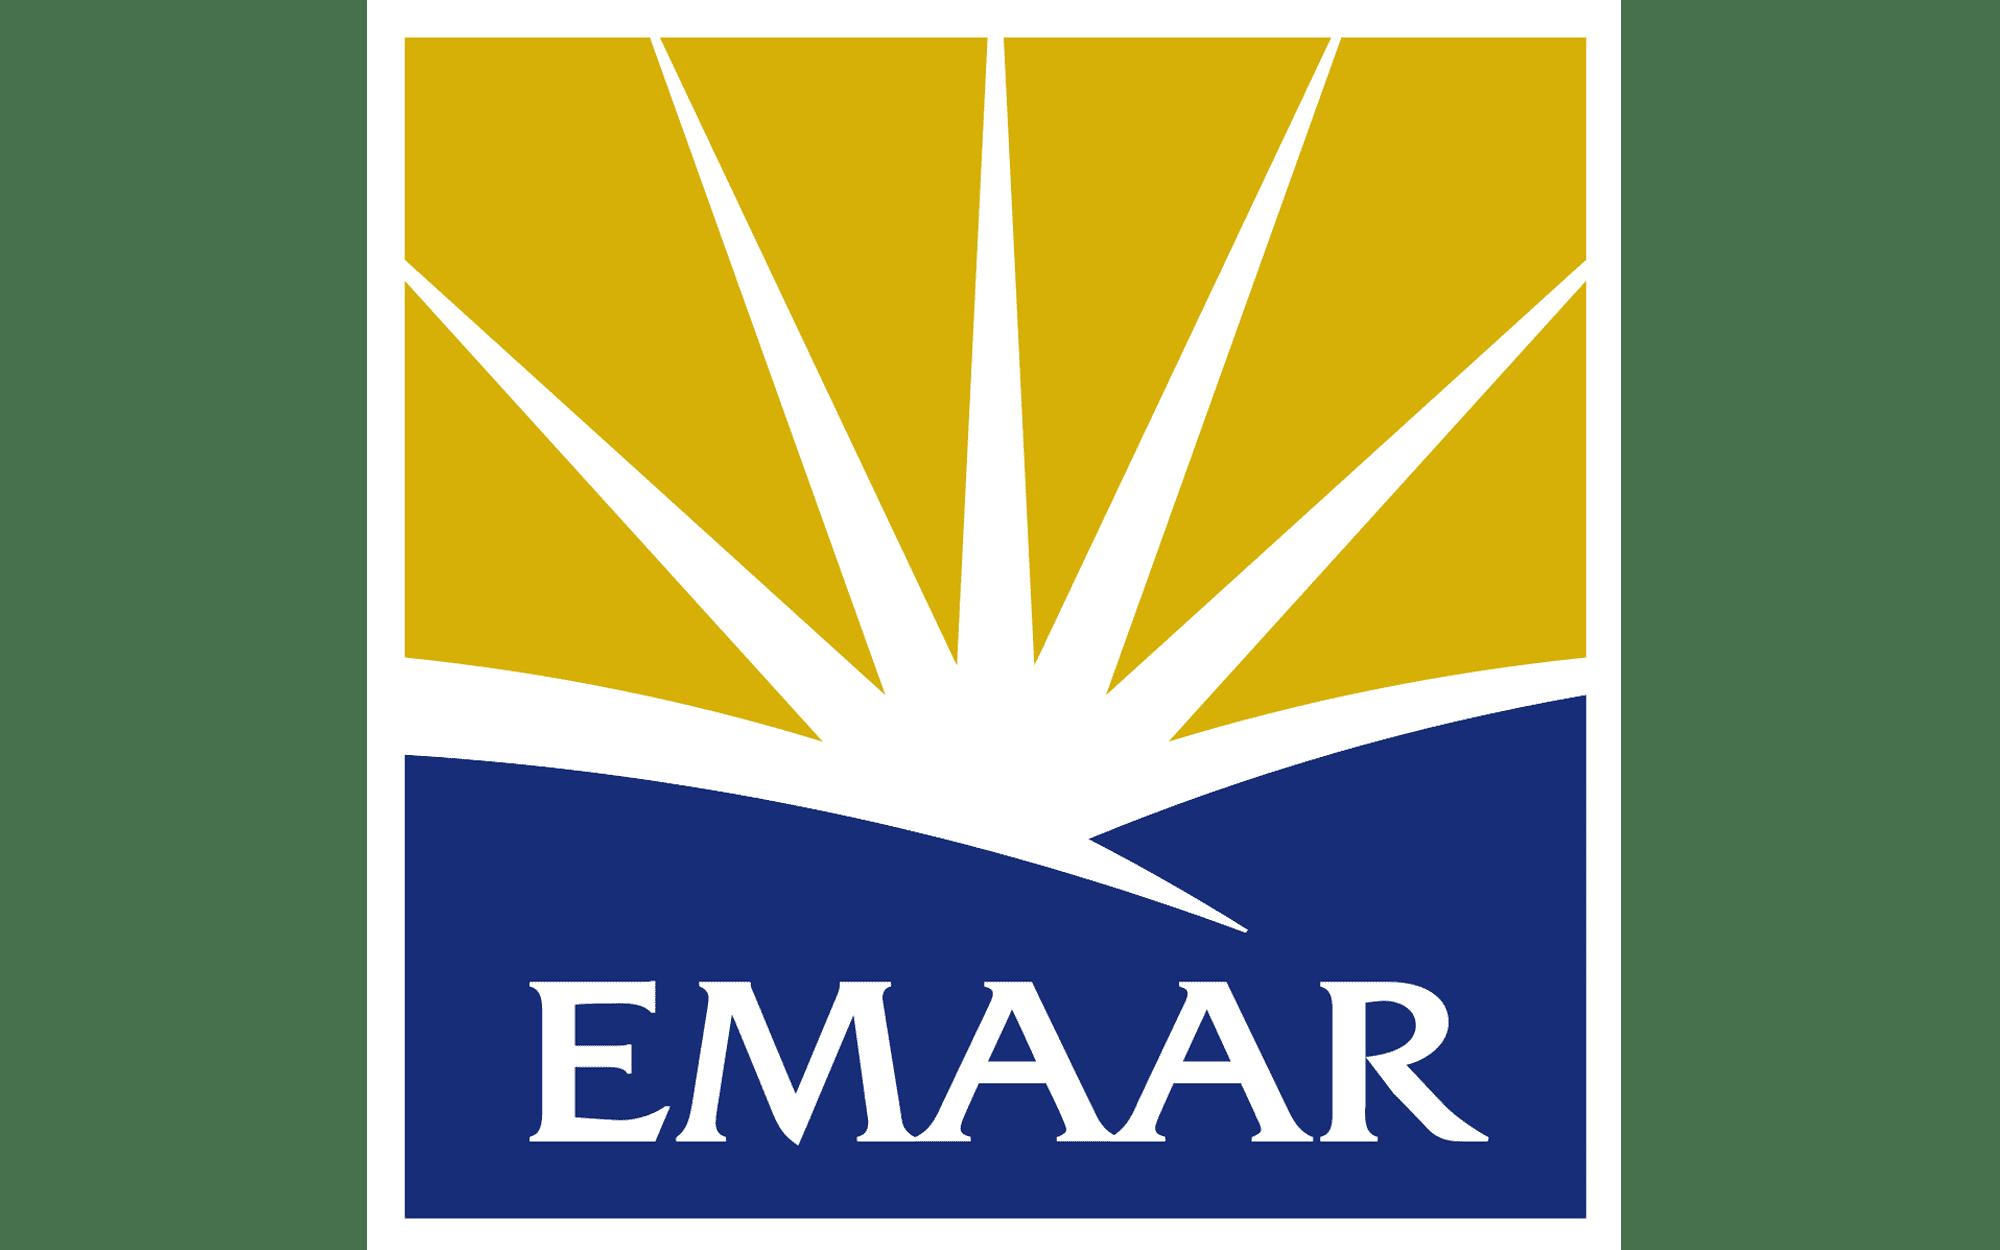 https://vviewtech.com/wp-content/uploads/2021/08/Emaar-Emaar-Properties-Logo.png